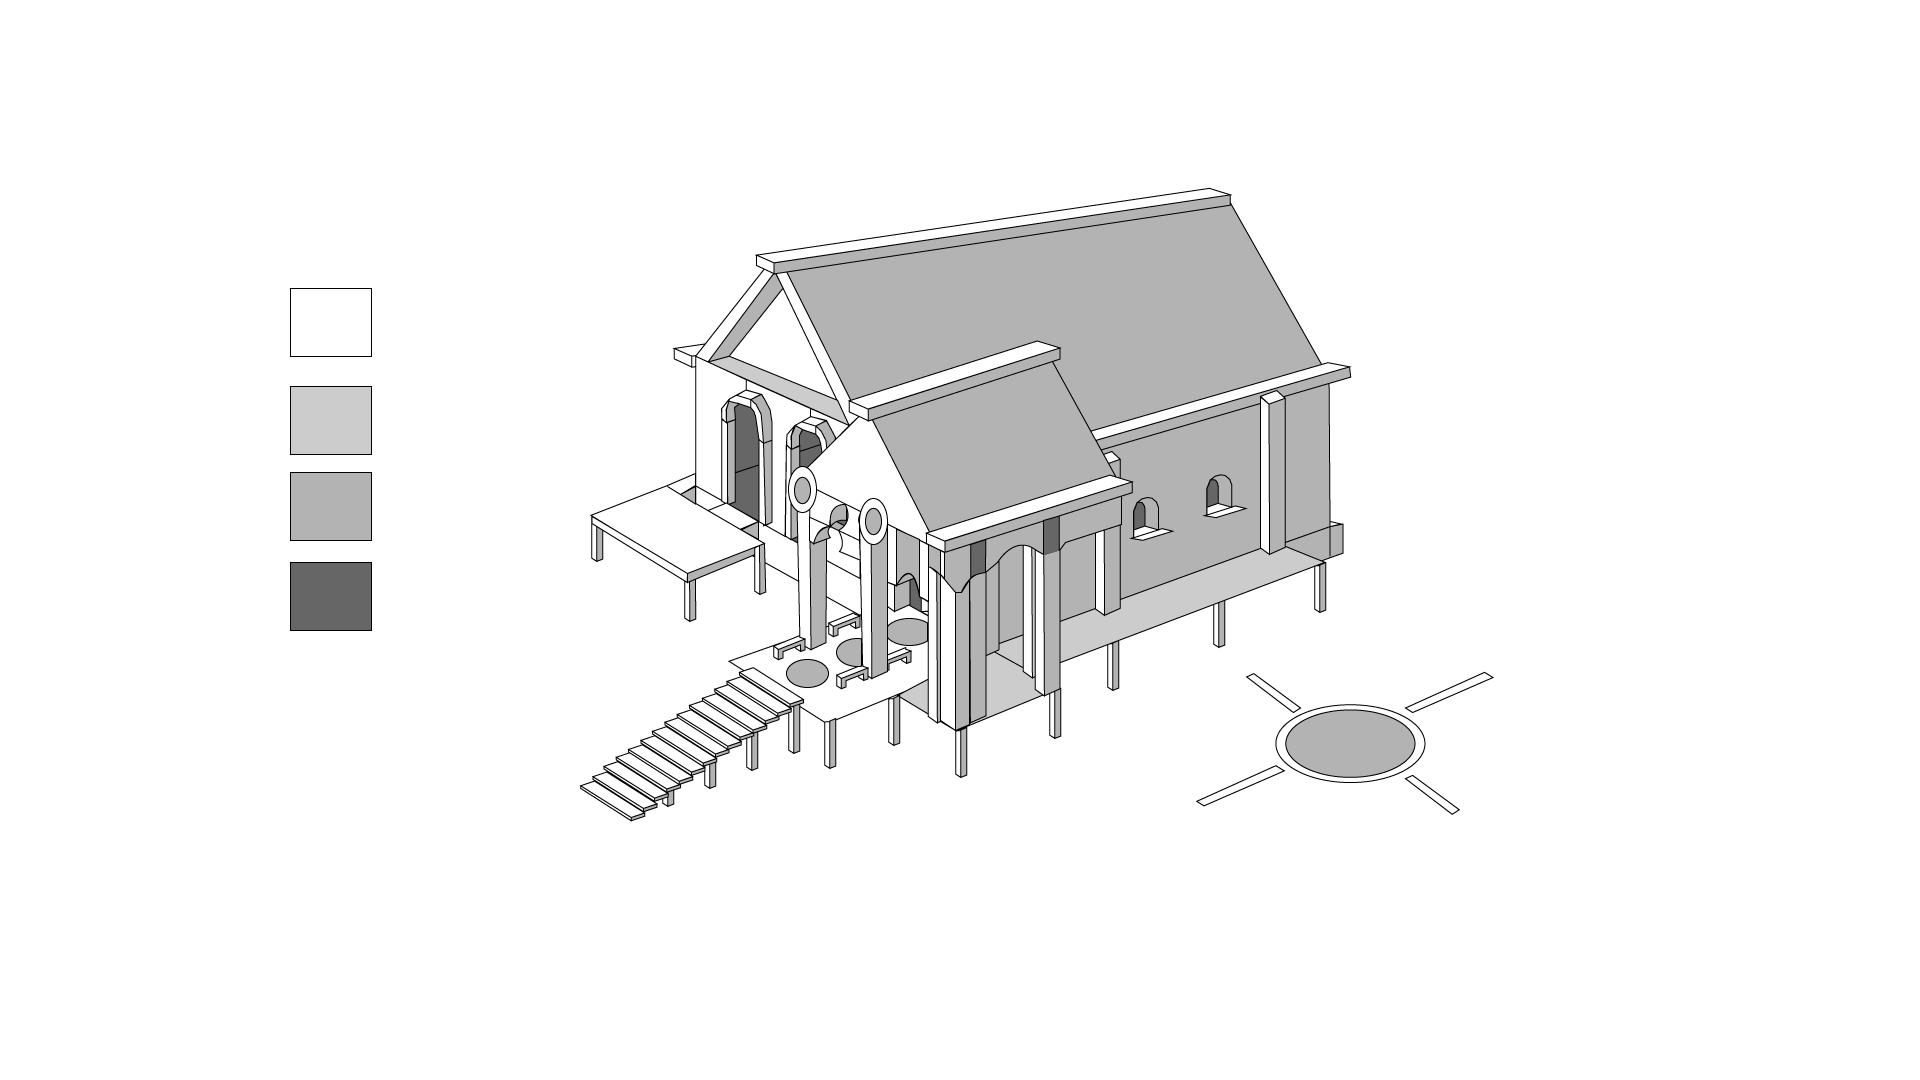 hador house concepts